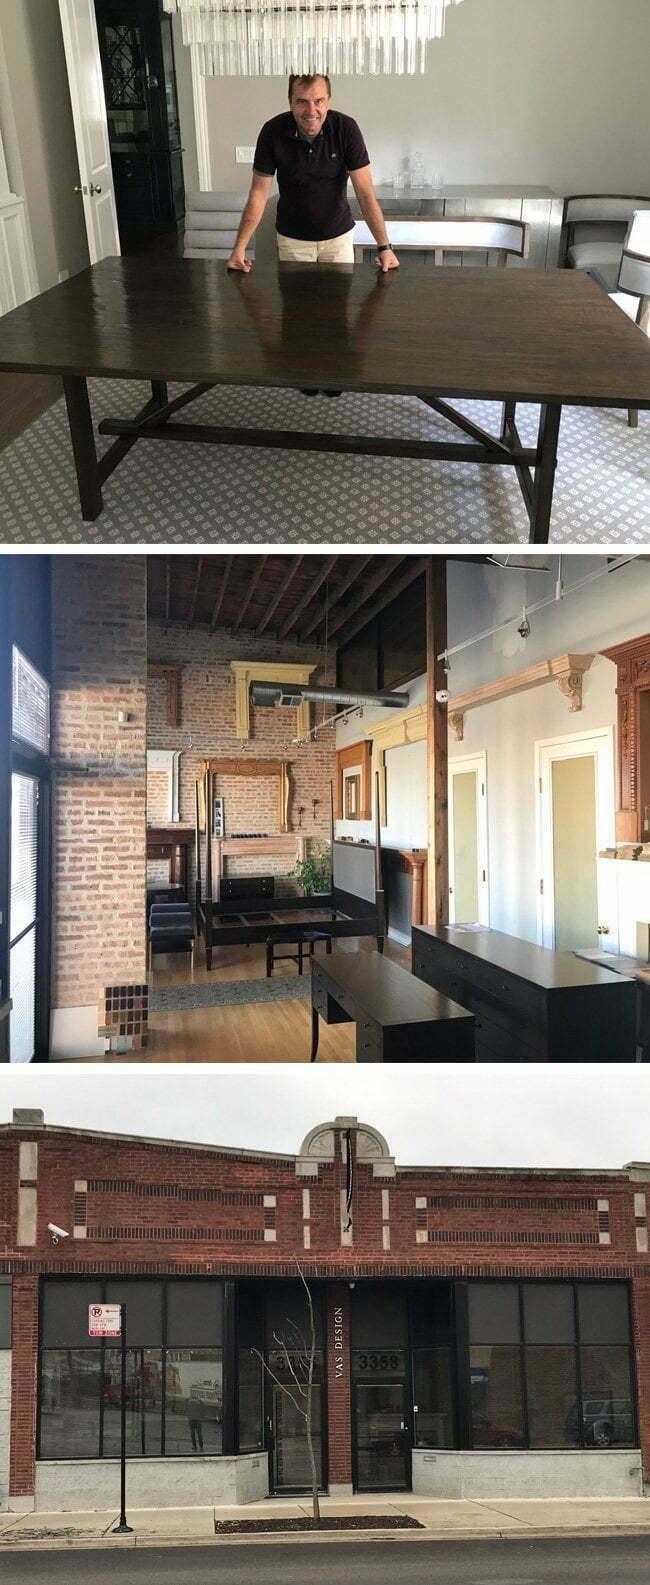 vas design, bespoke tailor made furniture shop in chicago